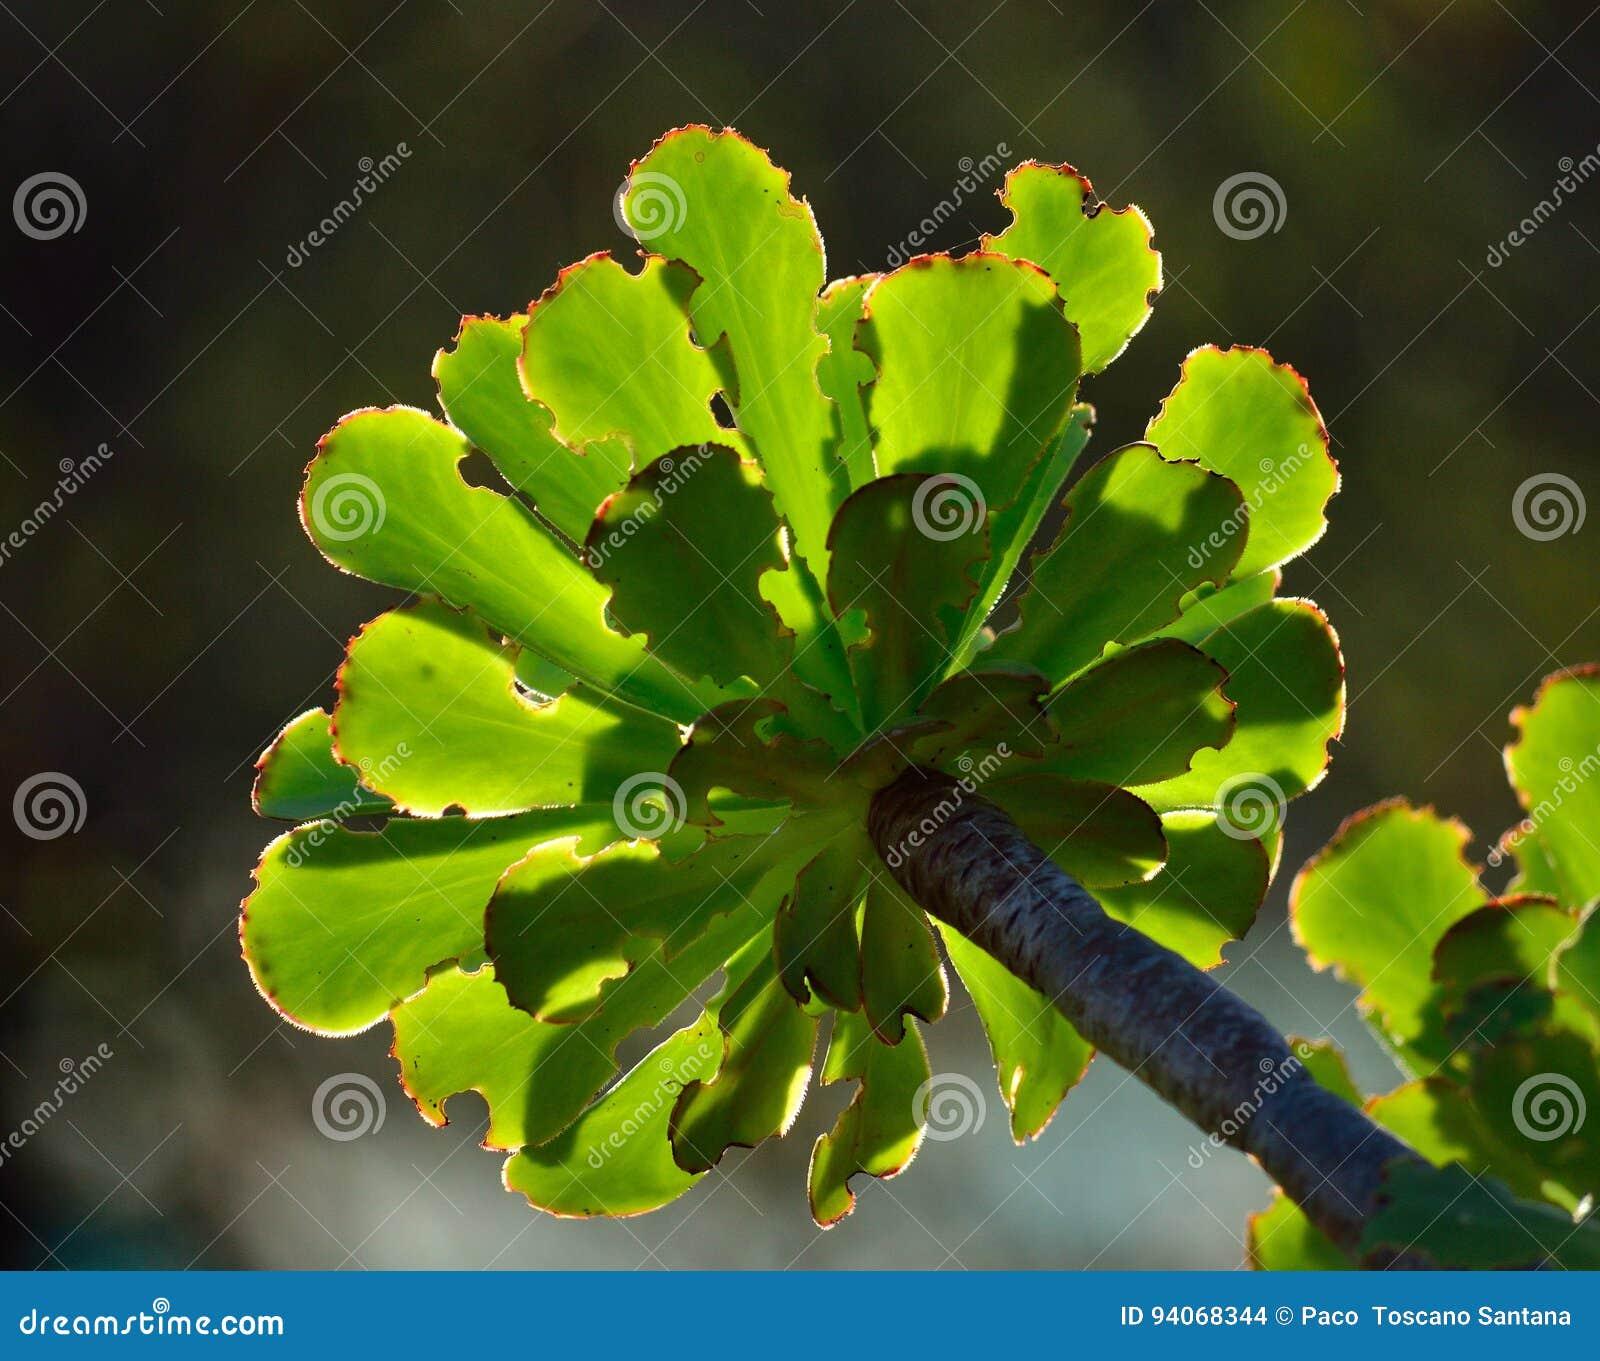 Green rosette of aeonium